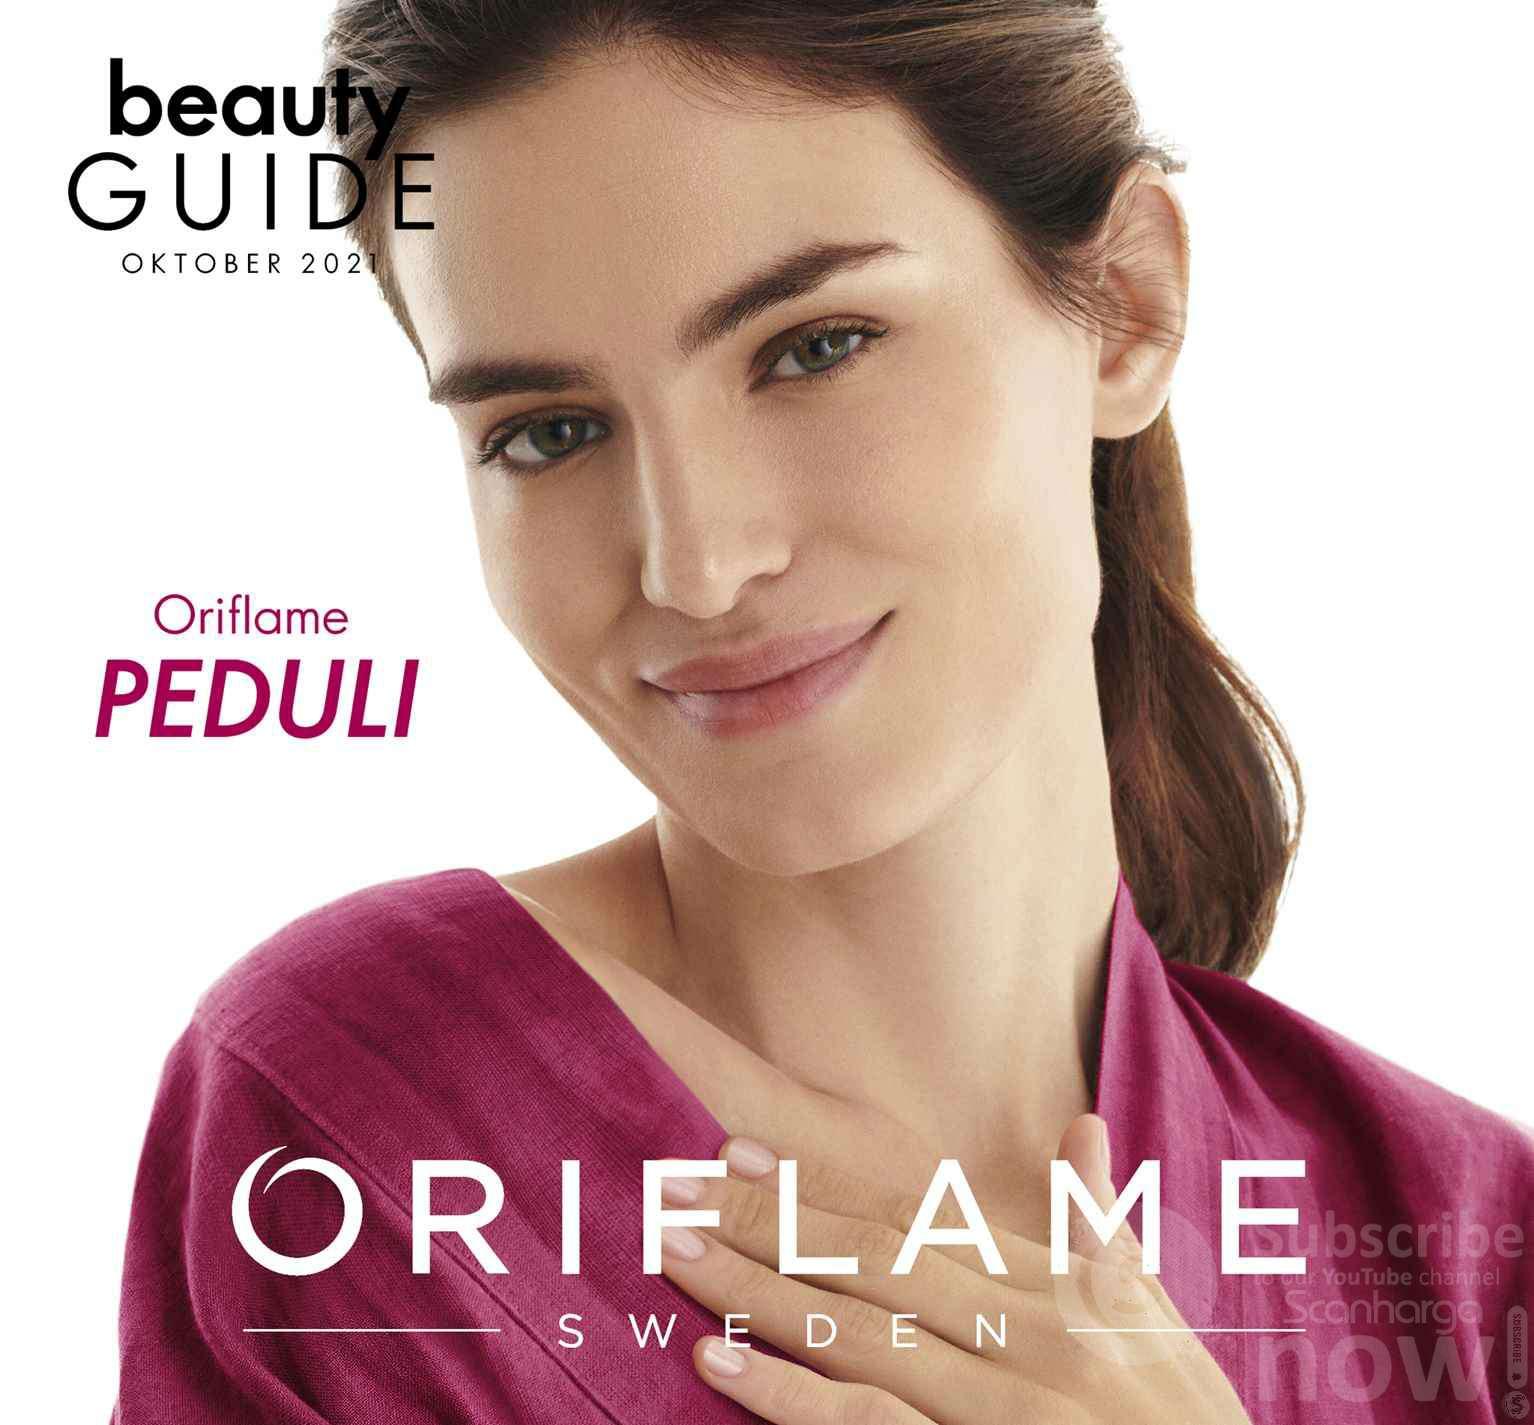 Katalog Oriflame Promo Oktober 2021